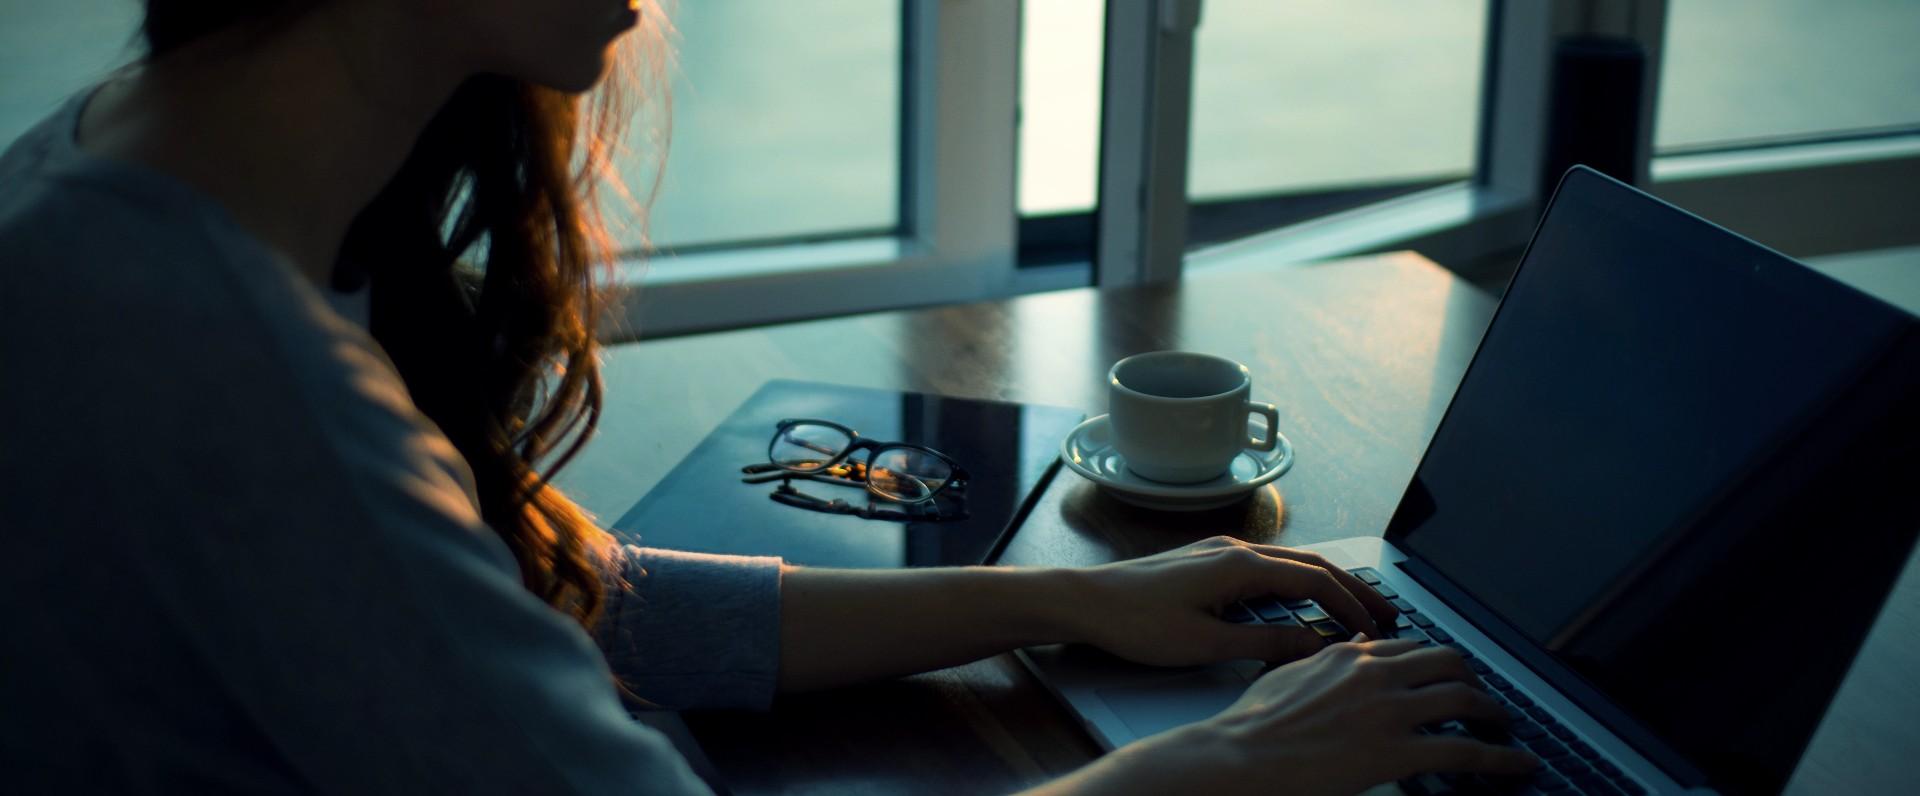 Foque-se no trabalho de manhã para manter o empenho durante o dia